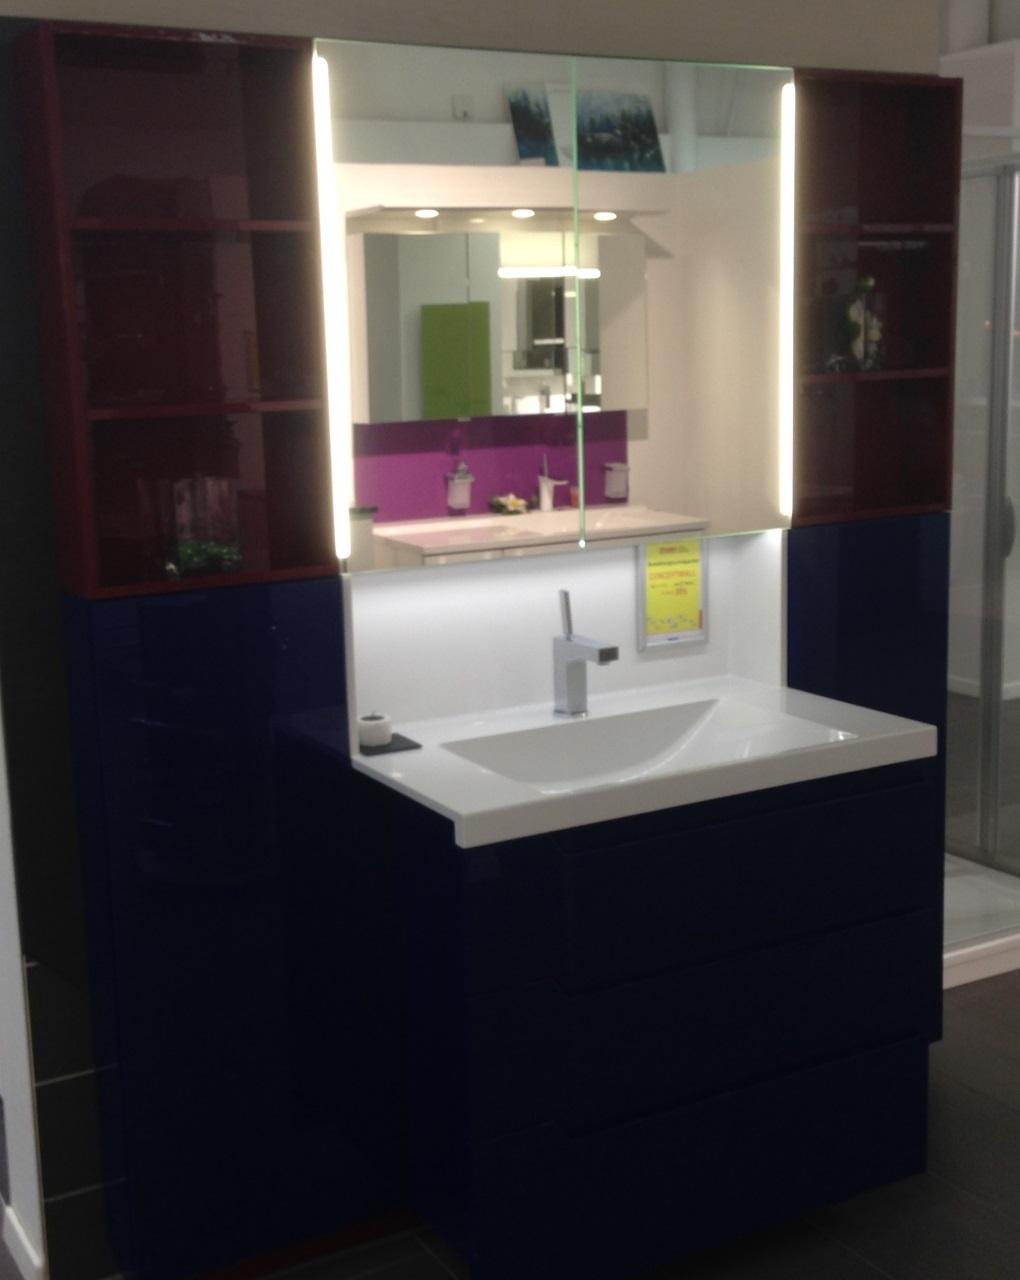 Exposition Salle De Bain Fust ~ conceptwall pg 5 bonnes affaires salles de bains